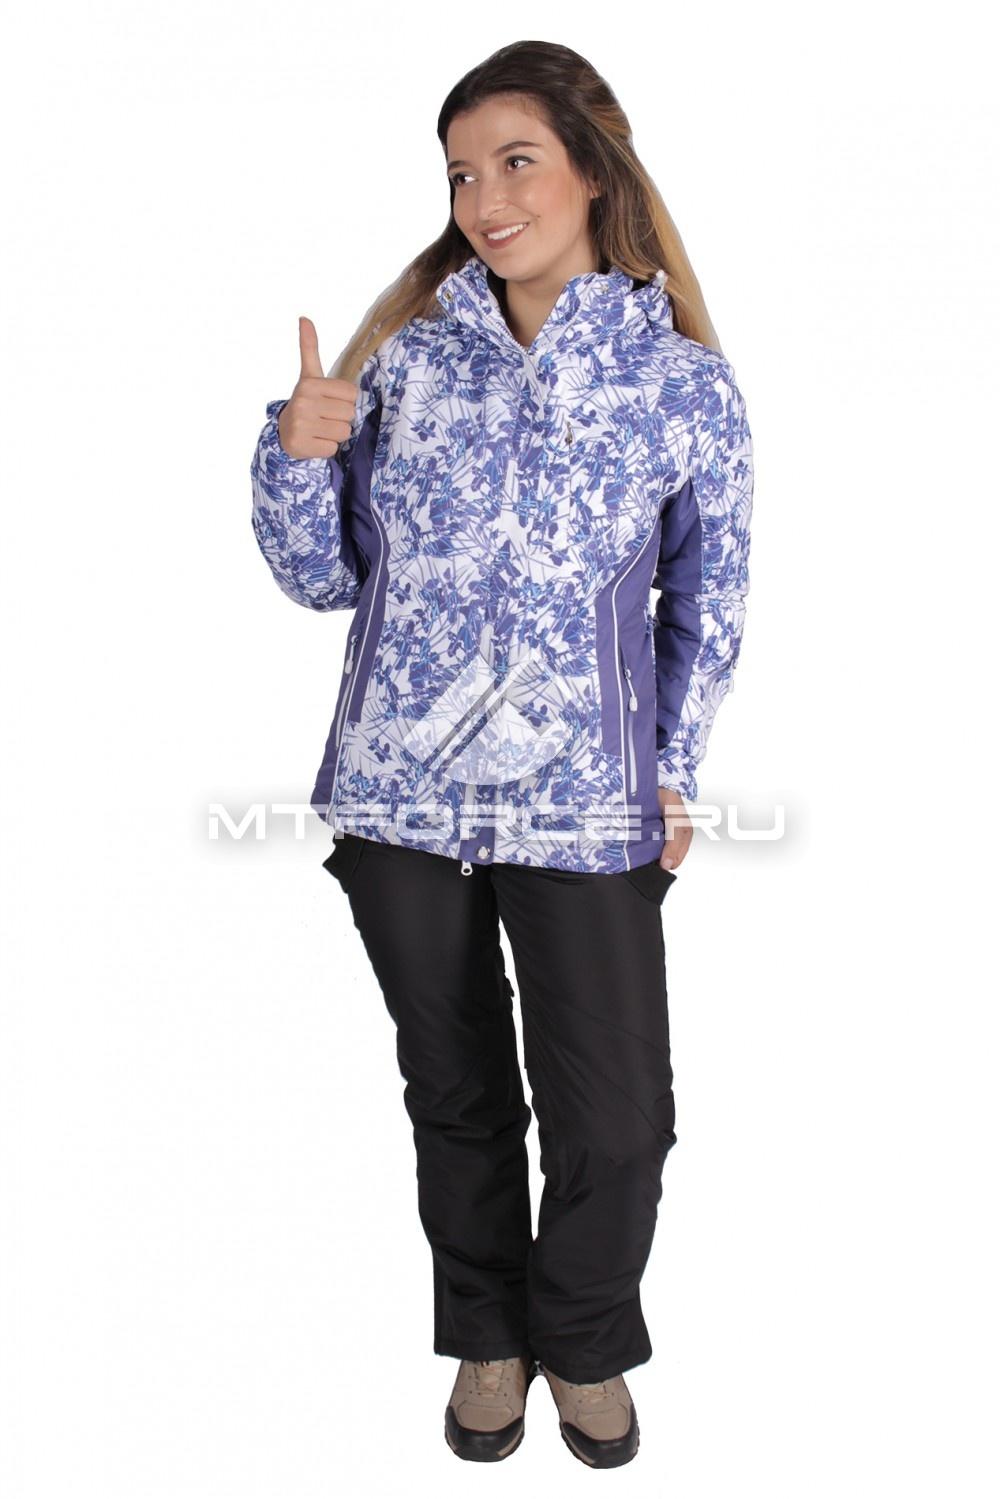 Купить                                  оптом Костюм горнолыжный женский синего цвета 015151S в Санкт-Петербурге